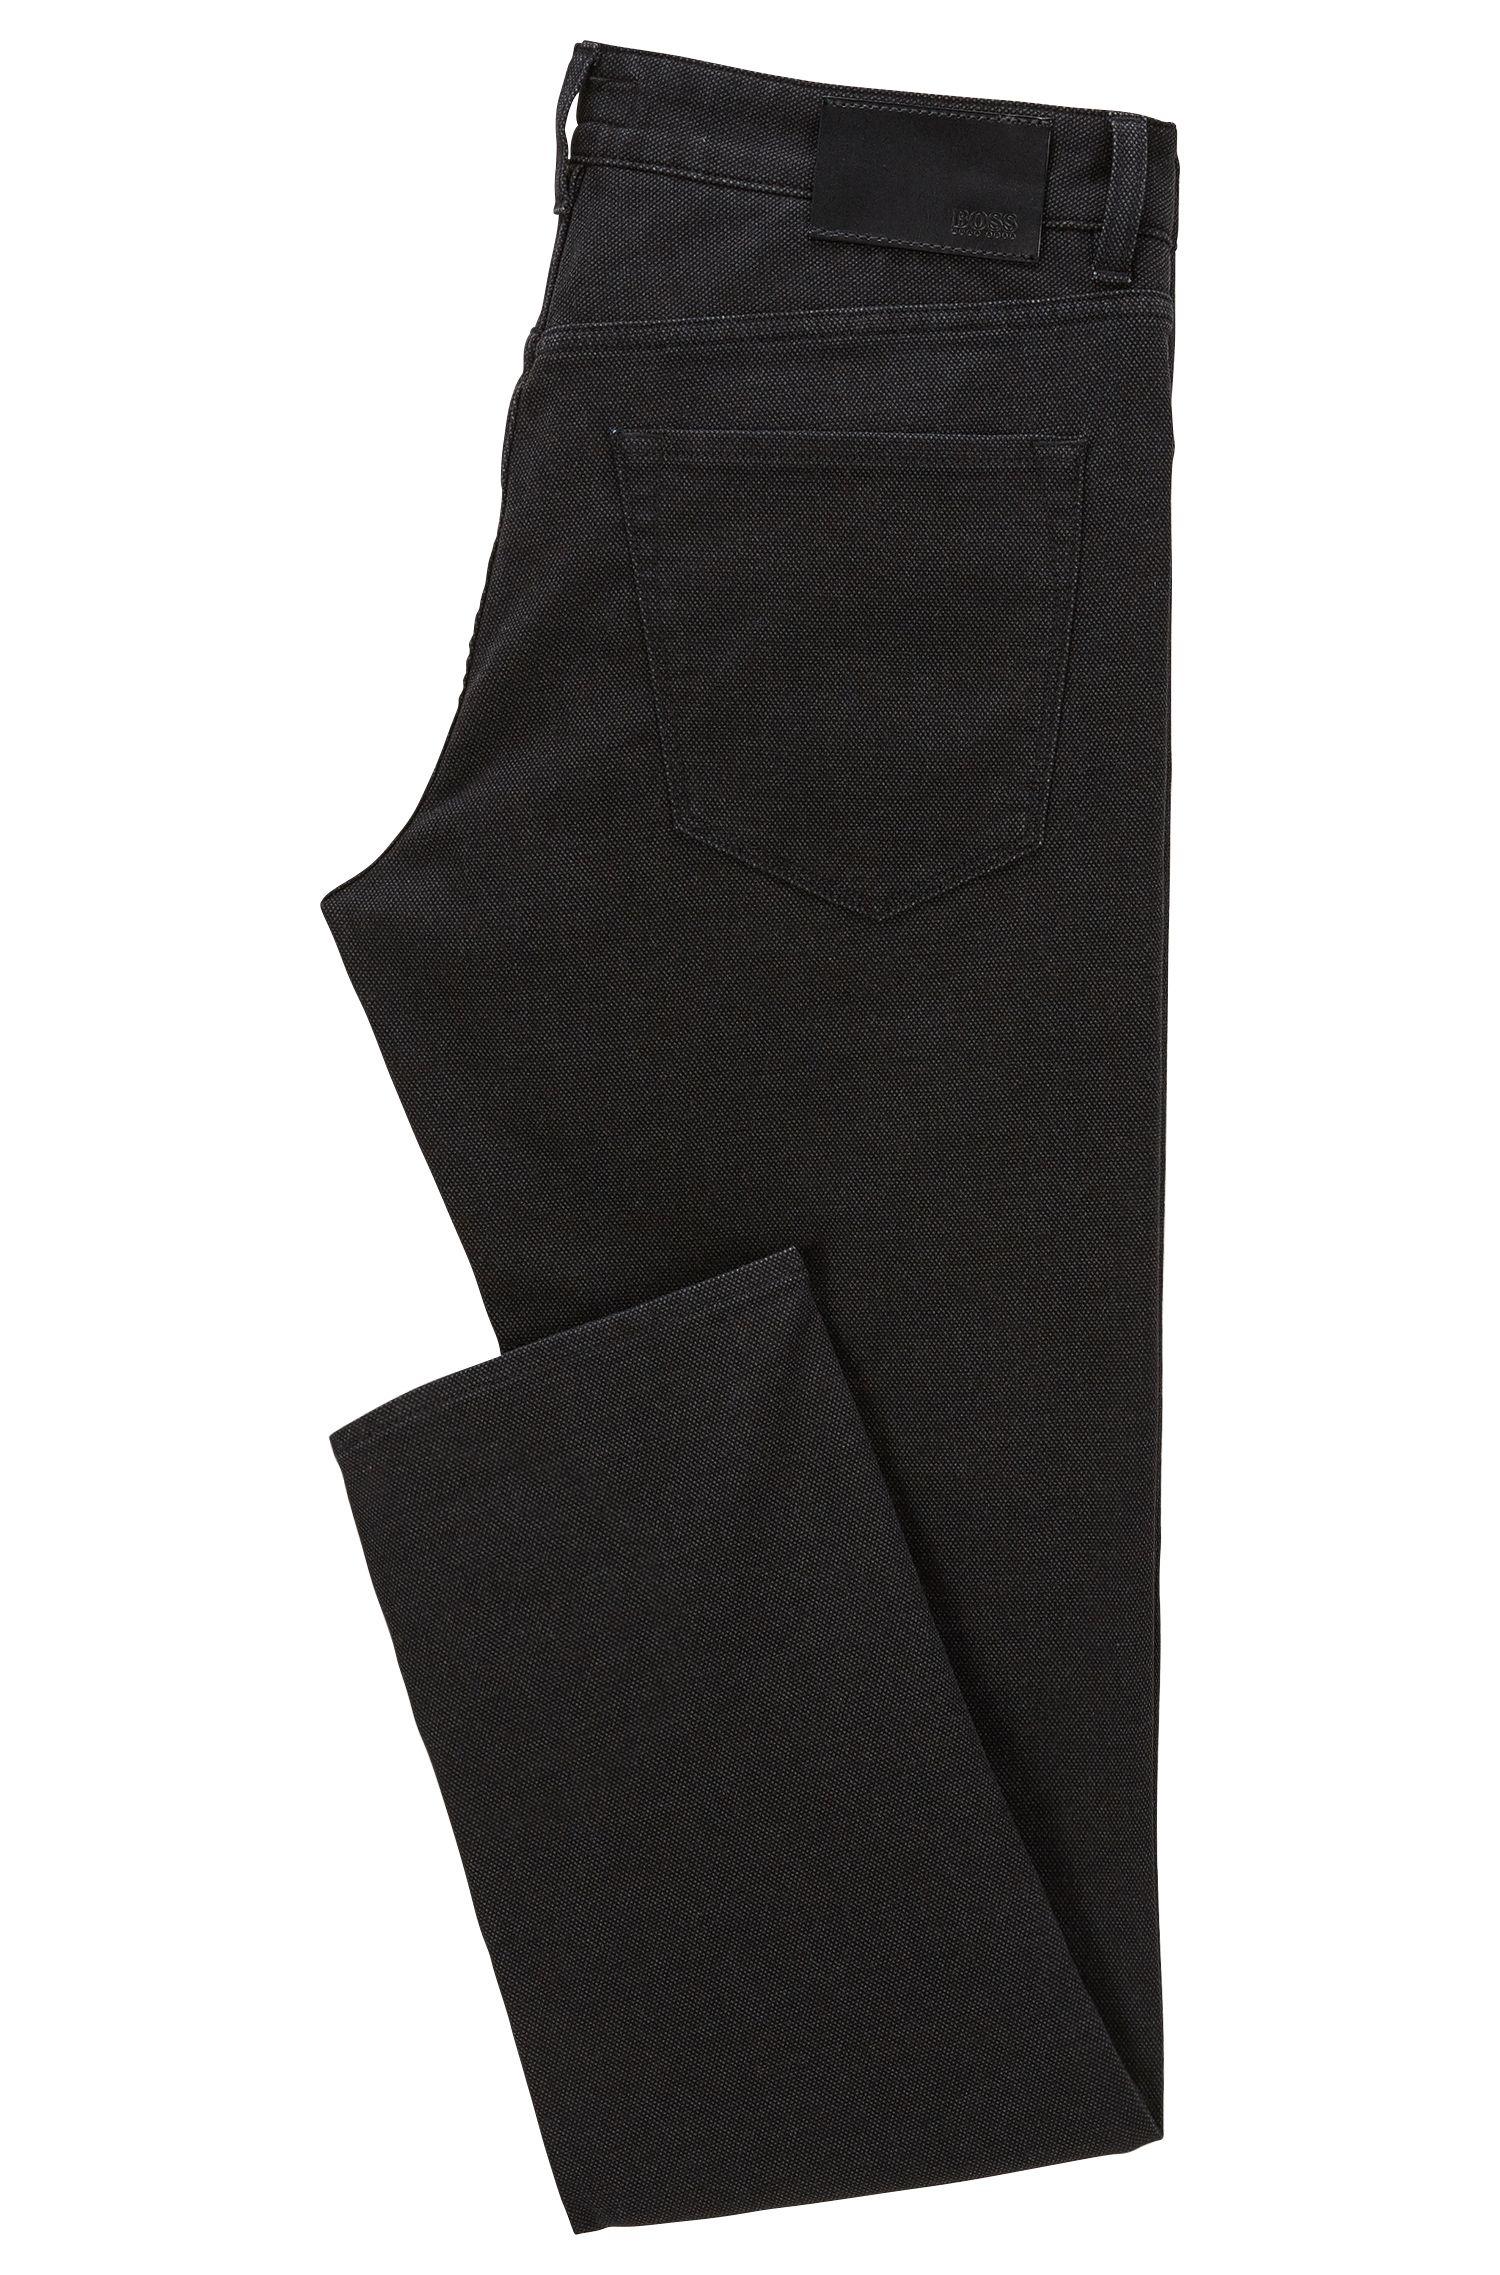 8 oz Stretch Cotton Jeans, Regular Fit | Maine, Dark Grey